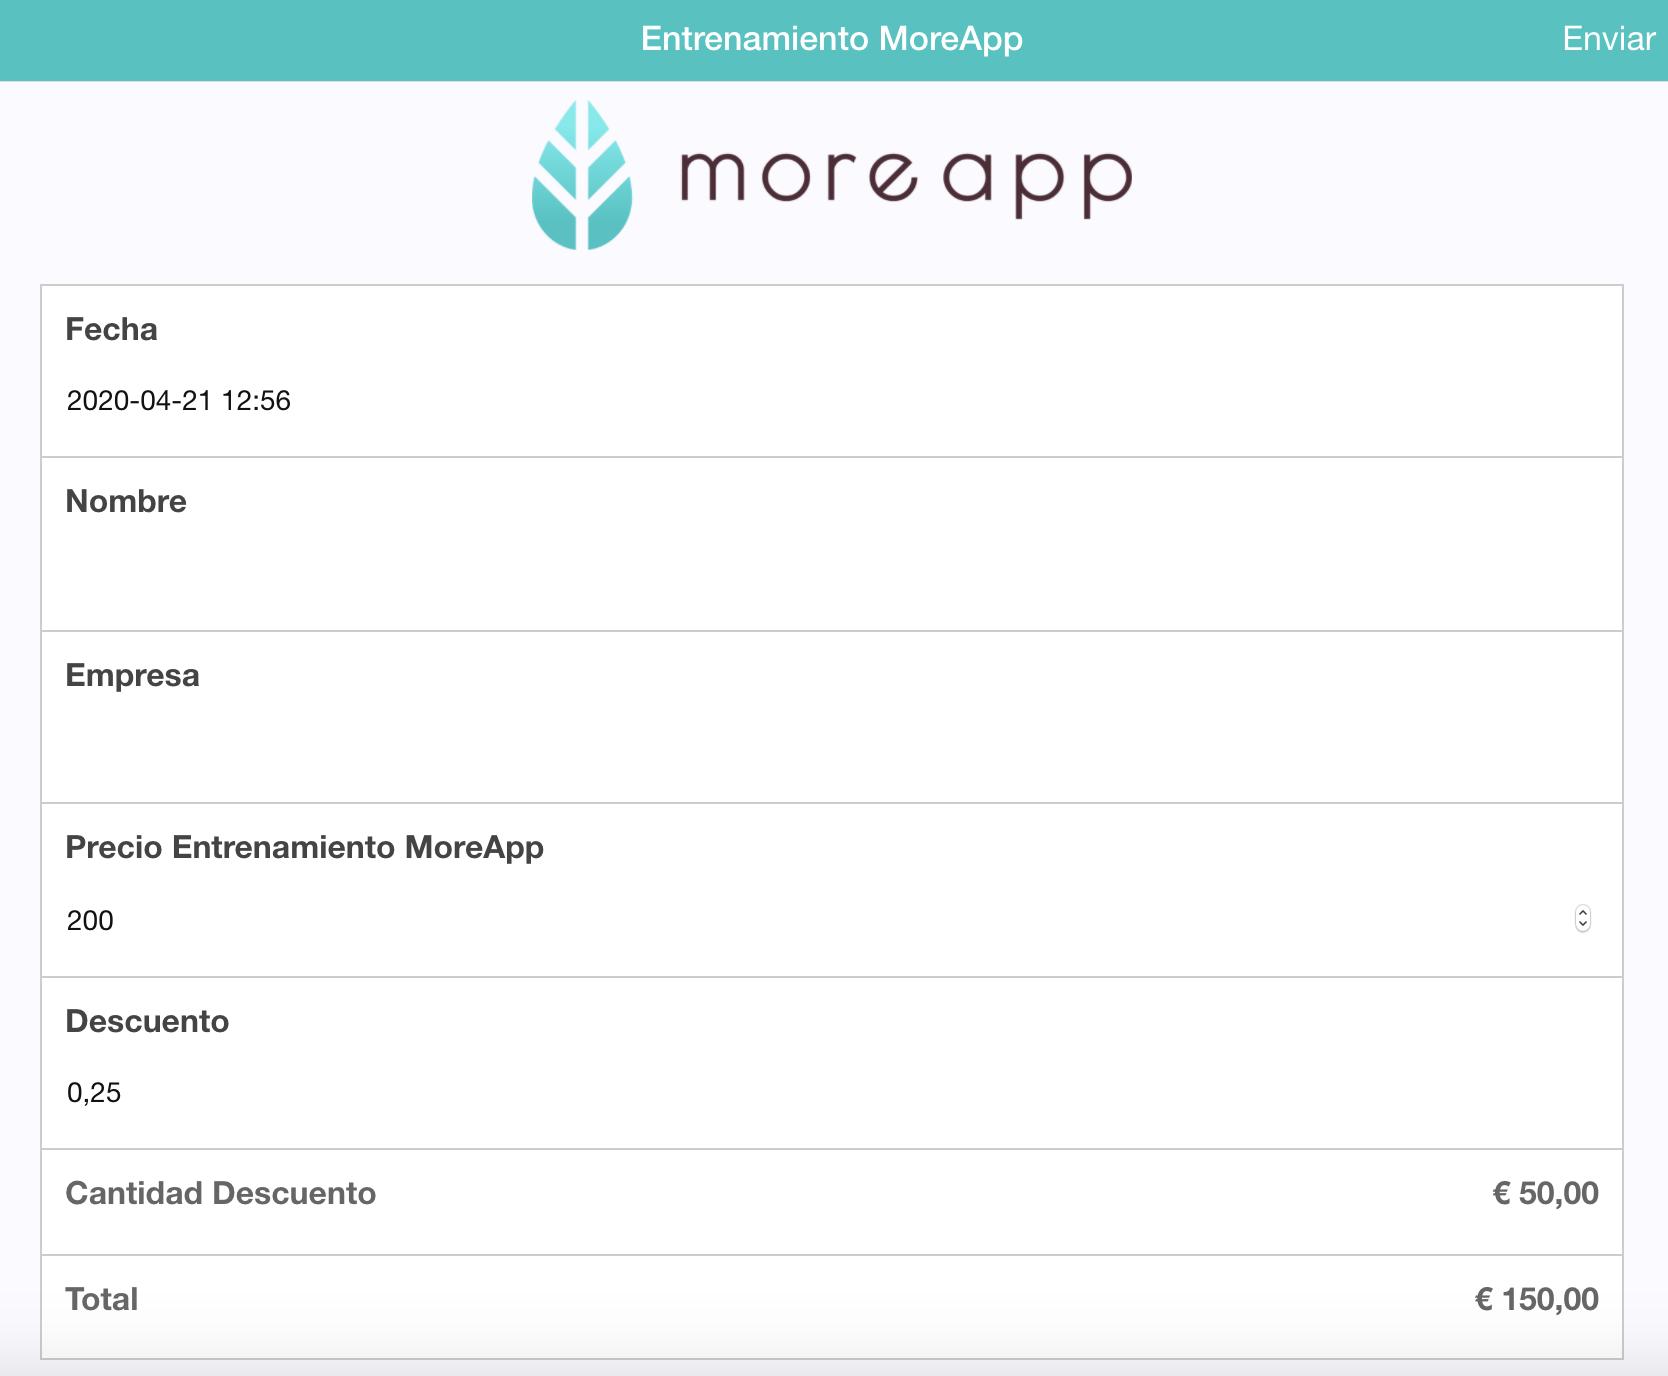 Calcula un Descuento en tu App MoreApp